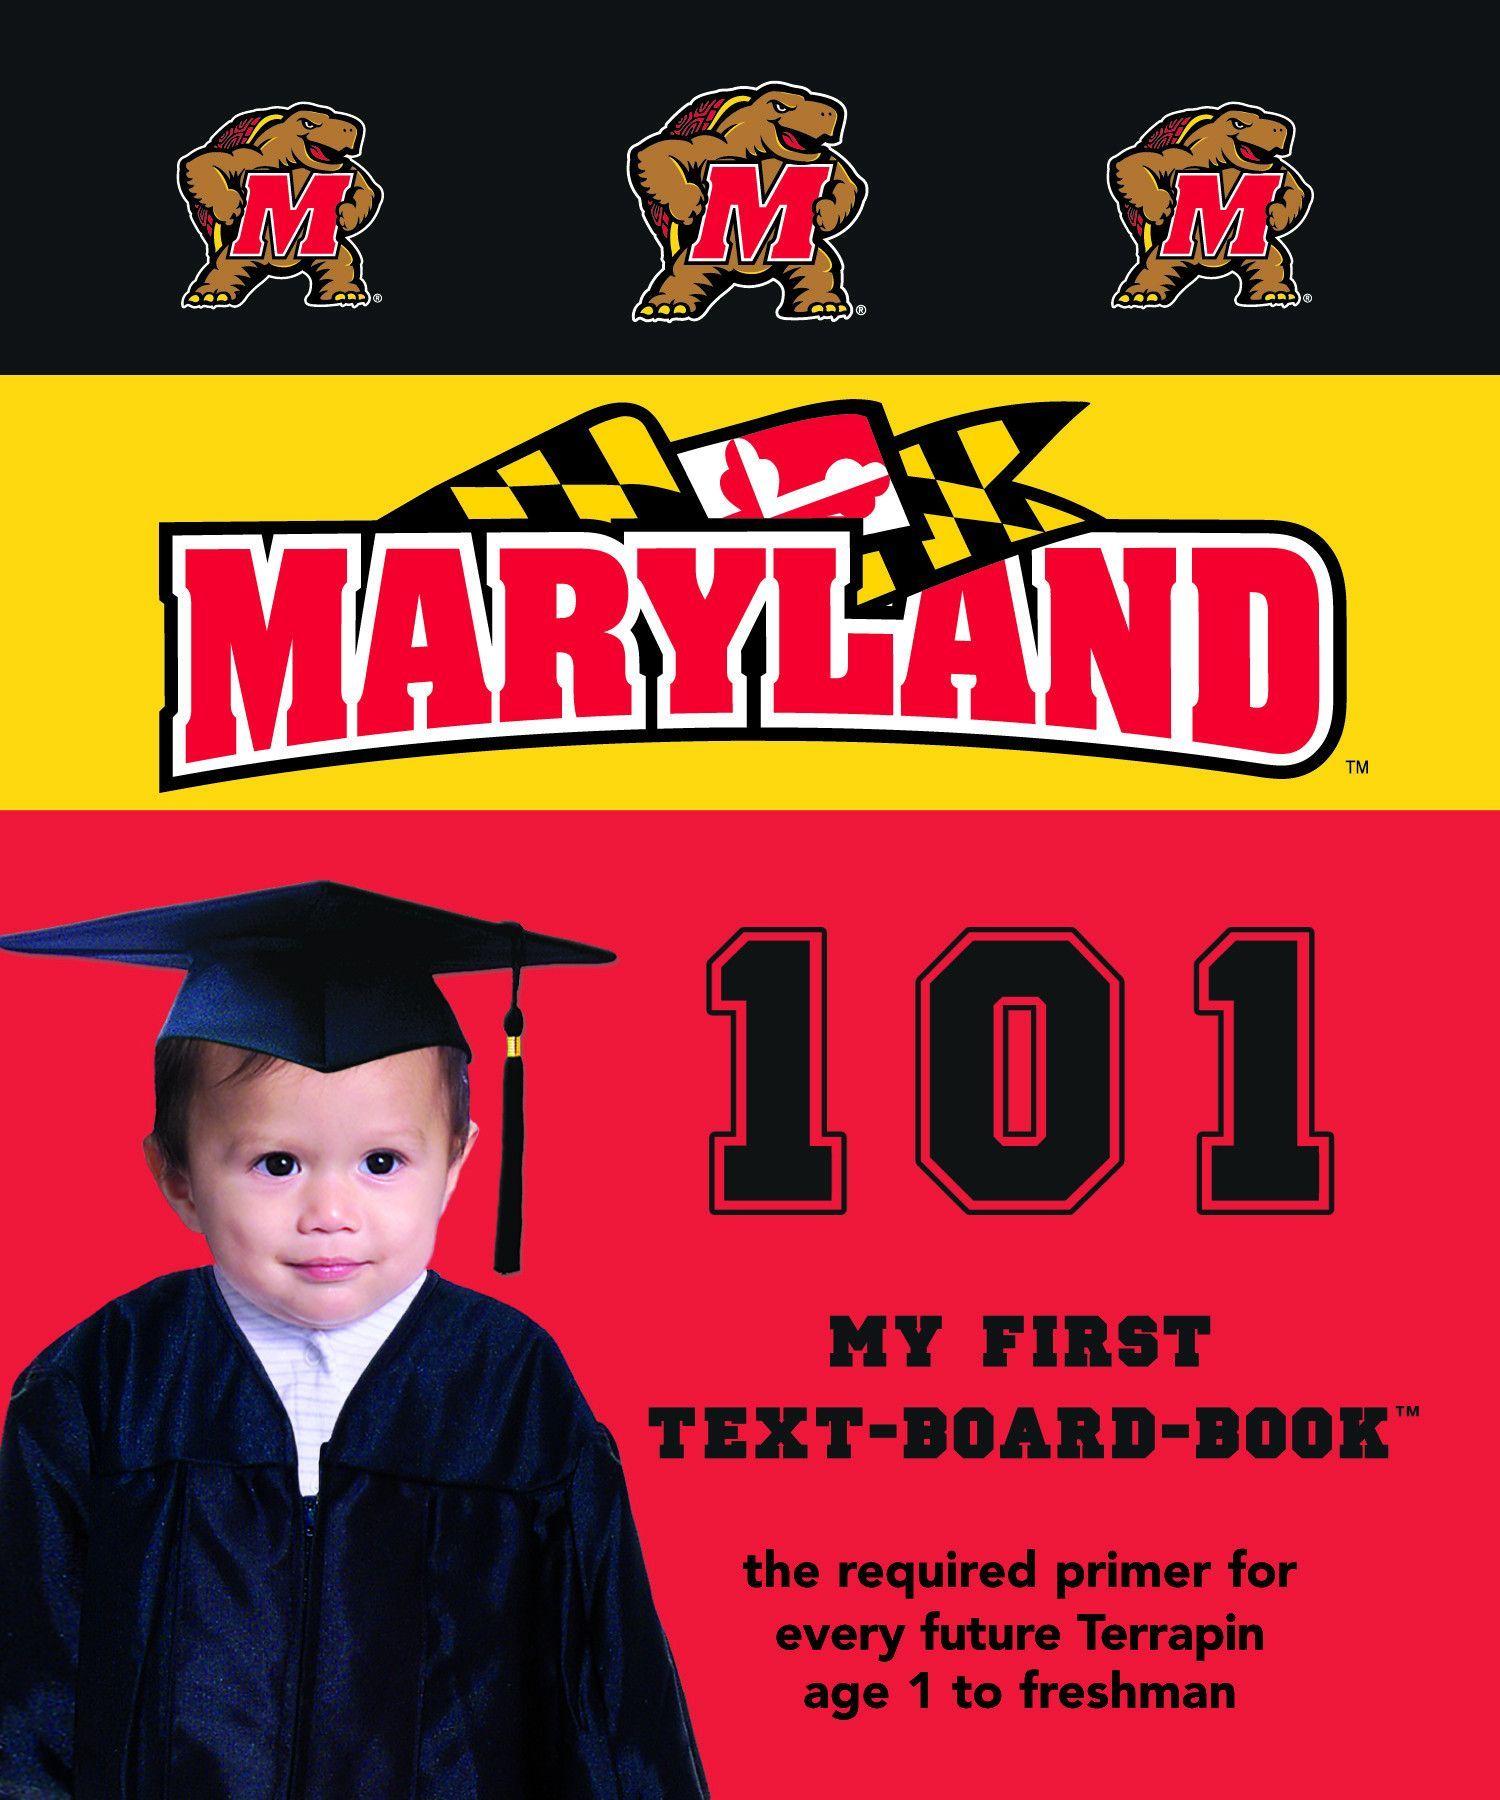 University of Maryland 101